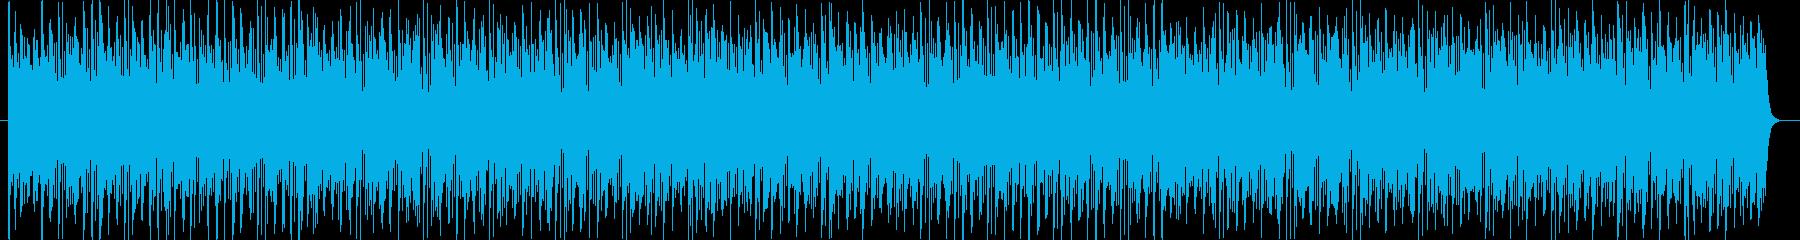 時間制限/タイムアタック/ゲームの再生済みの波形